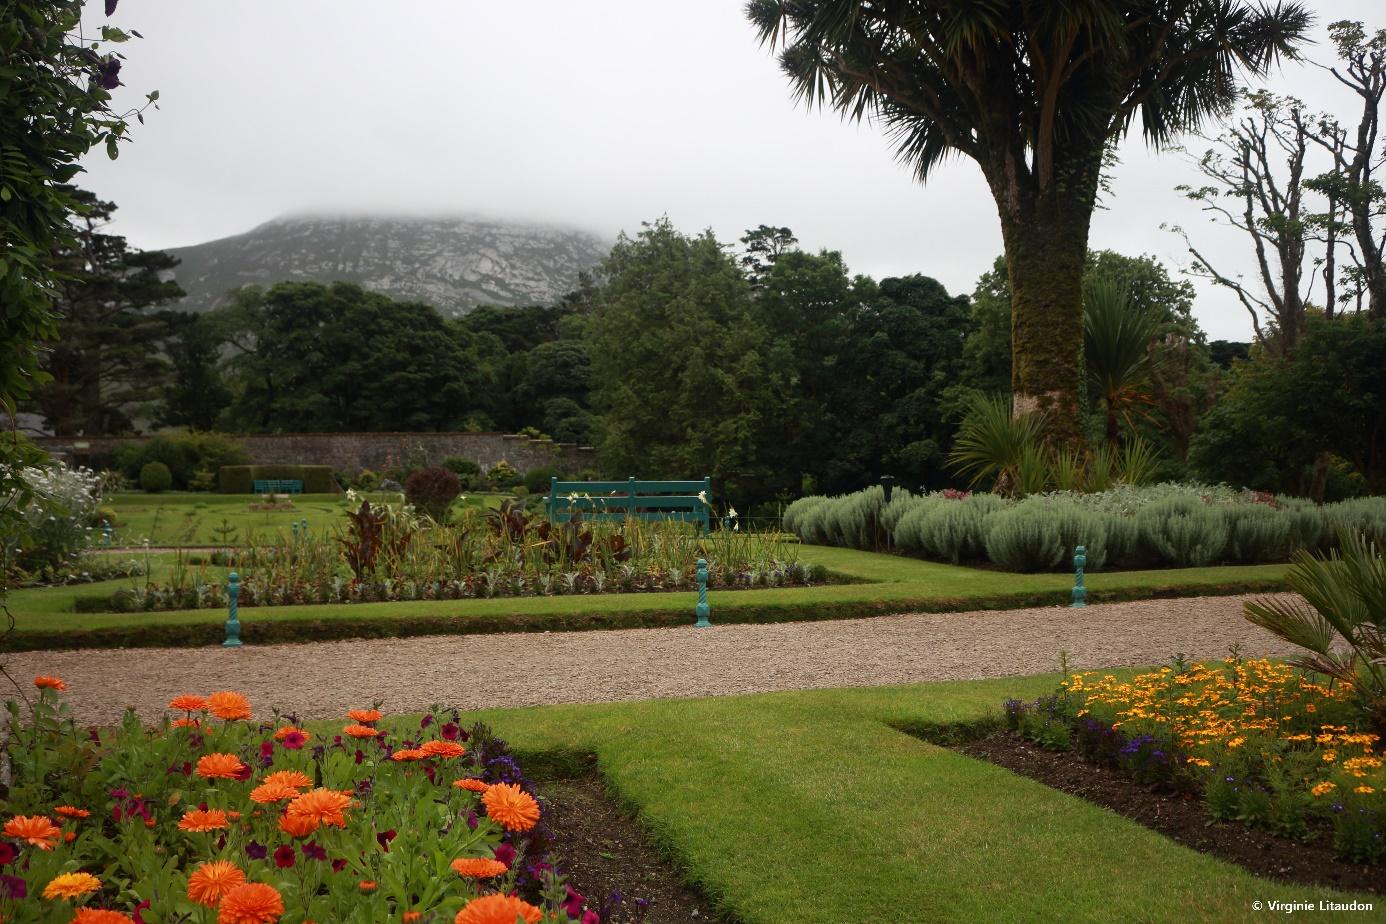 Crédit photo : Virginie Litaudon, Les jardins sont à 15 minutes à pied (ou 5 minutes en navette) de Kylemore Abbey